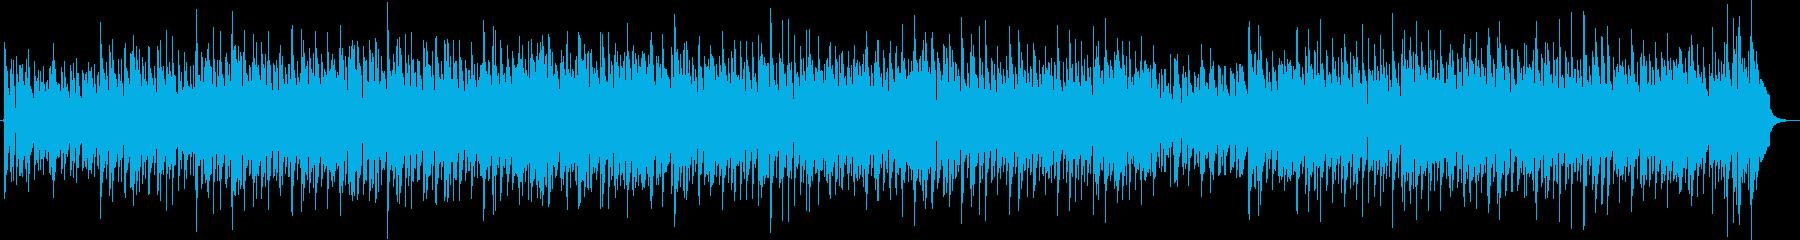 ジャズの落ち着いた映像用BGMの再生済みの波形